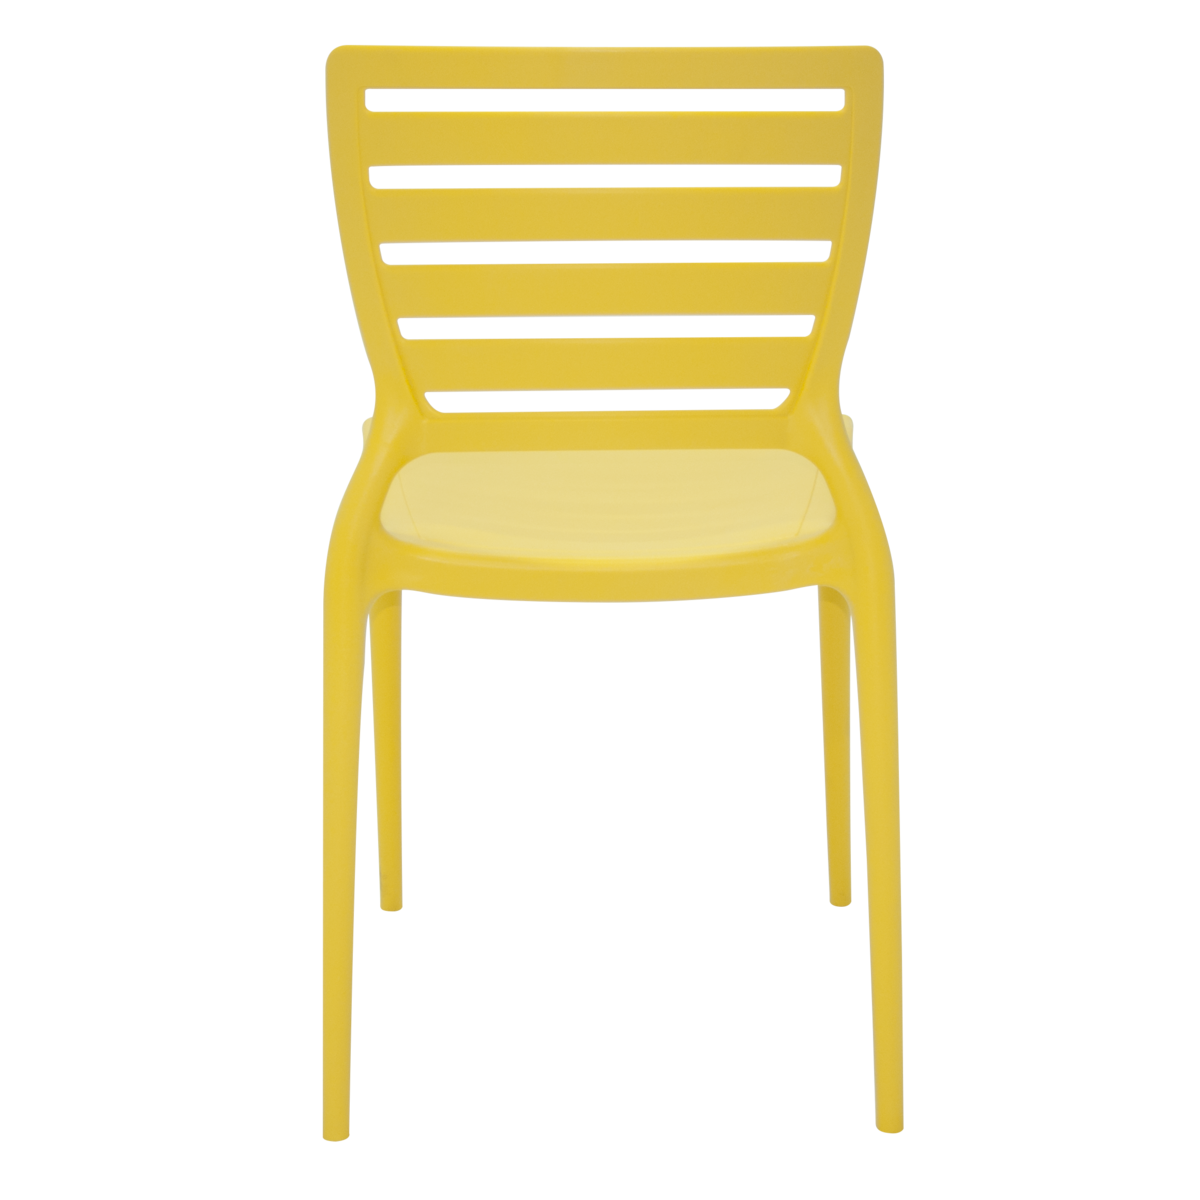 Cadeira Tramontina Sofia Summa 92237/000 Amarelo Conjunto 4 peças  - Casa Mattos